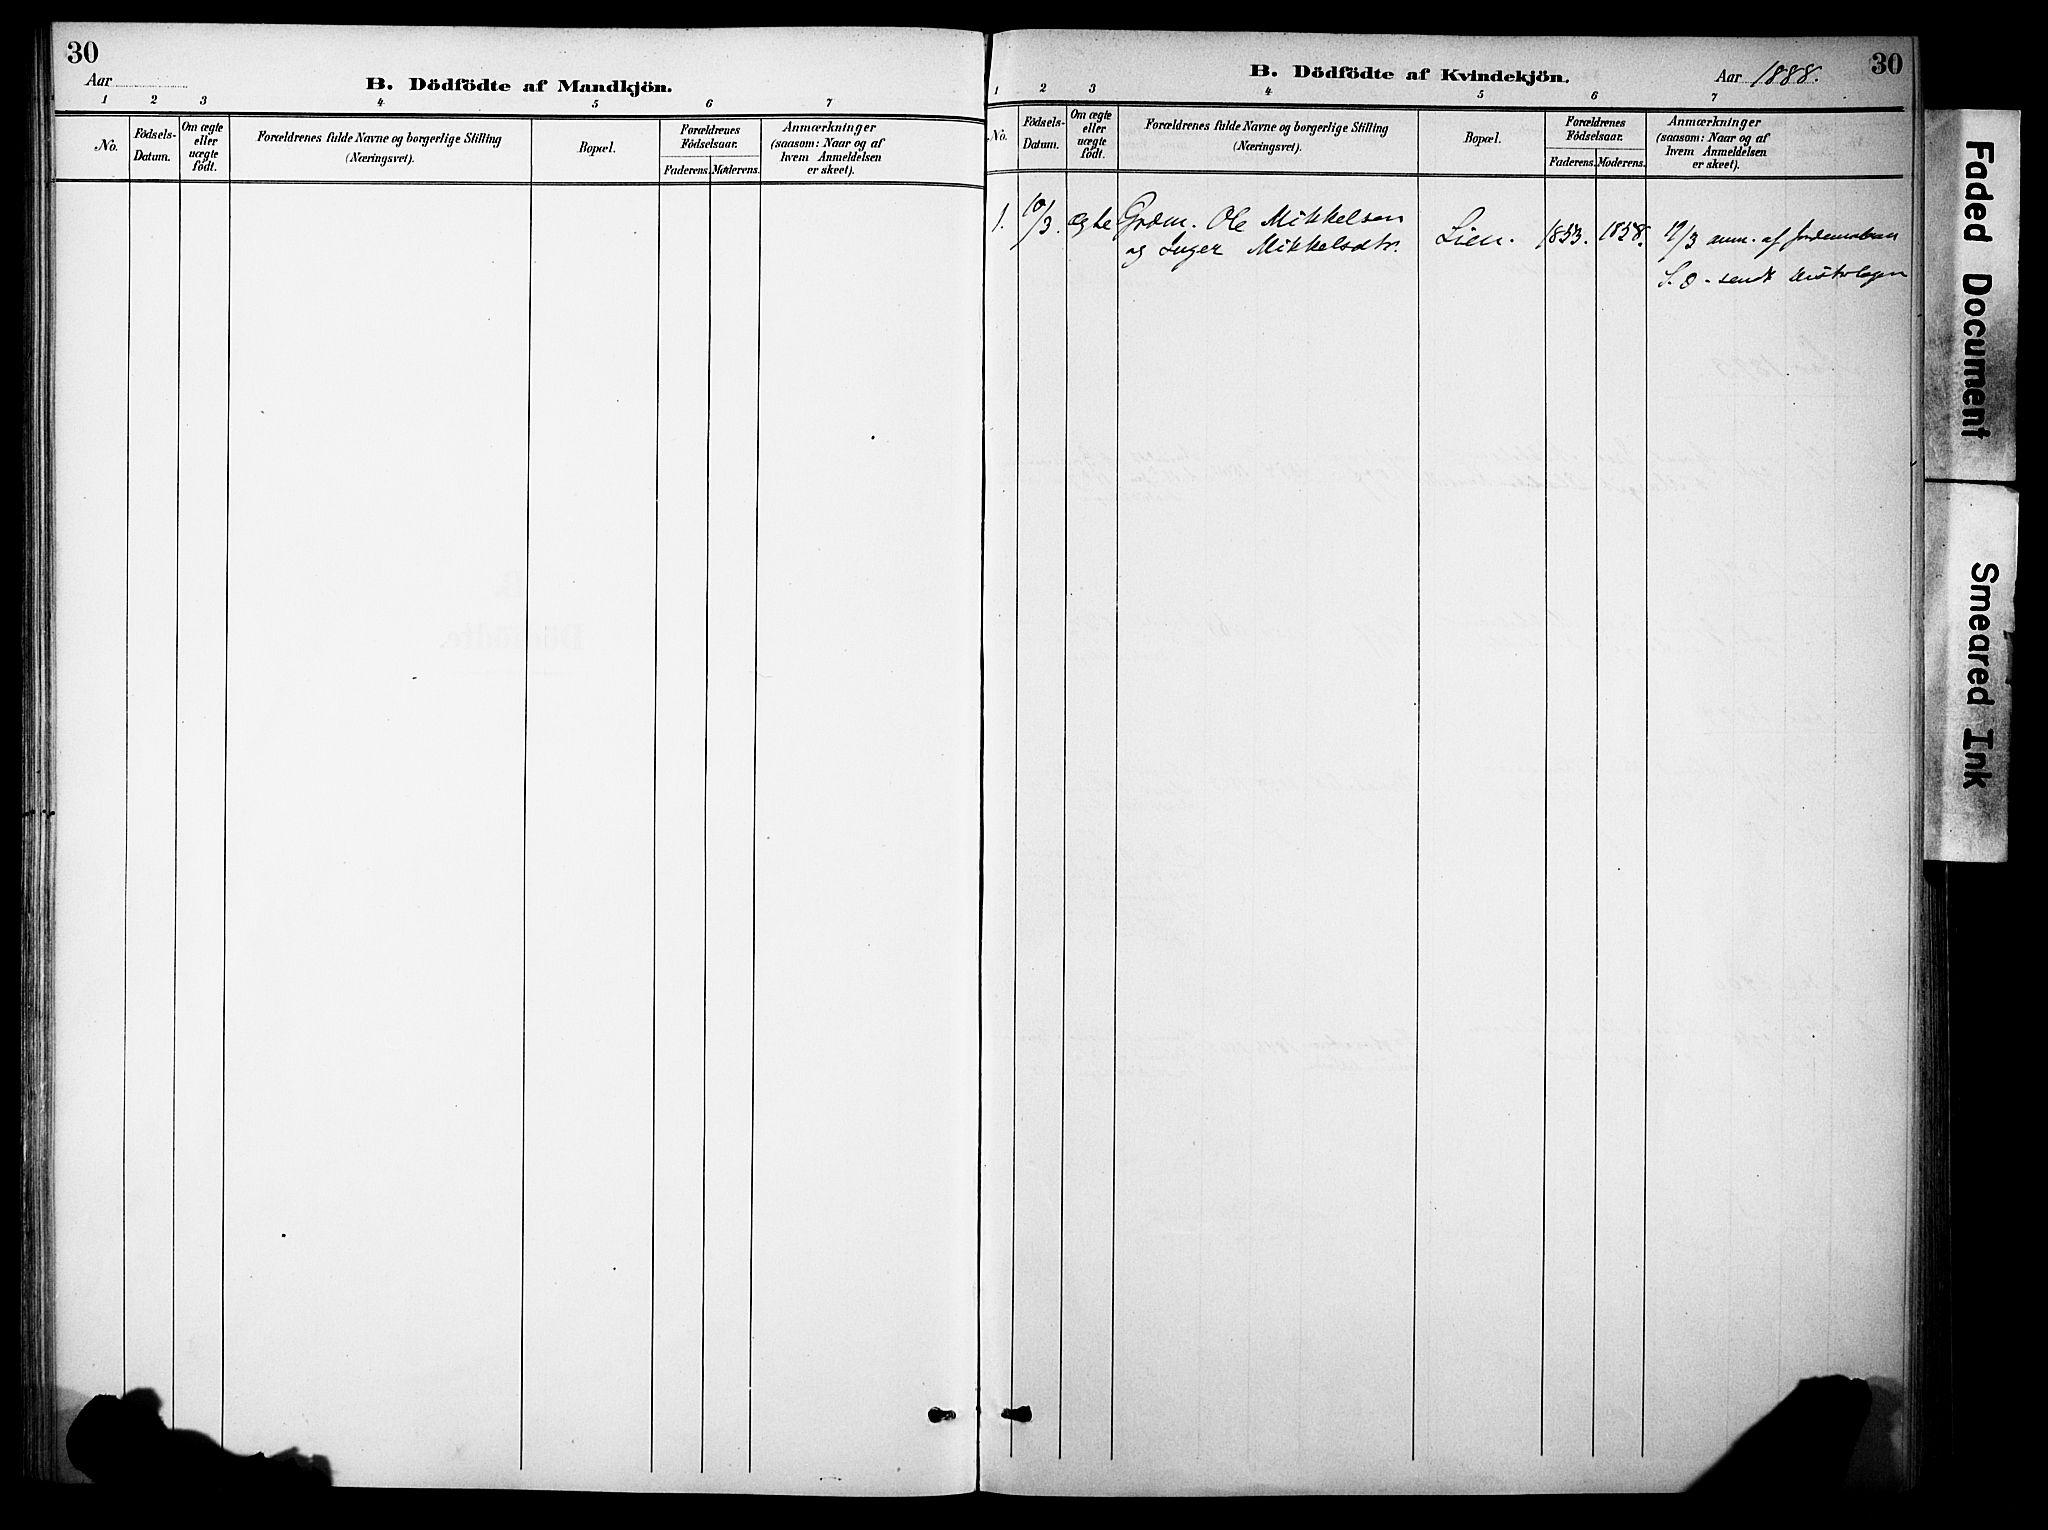 SAH, Sør-Aurdal prestekontor, Ministerialbok nr. 10, 1886-1906, s. 30